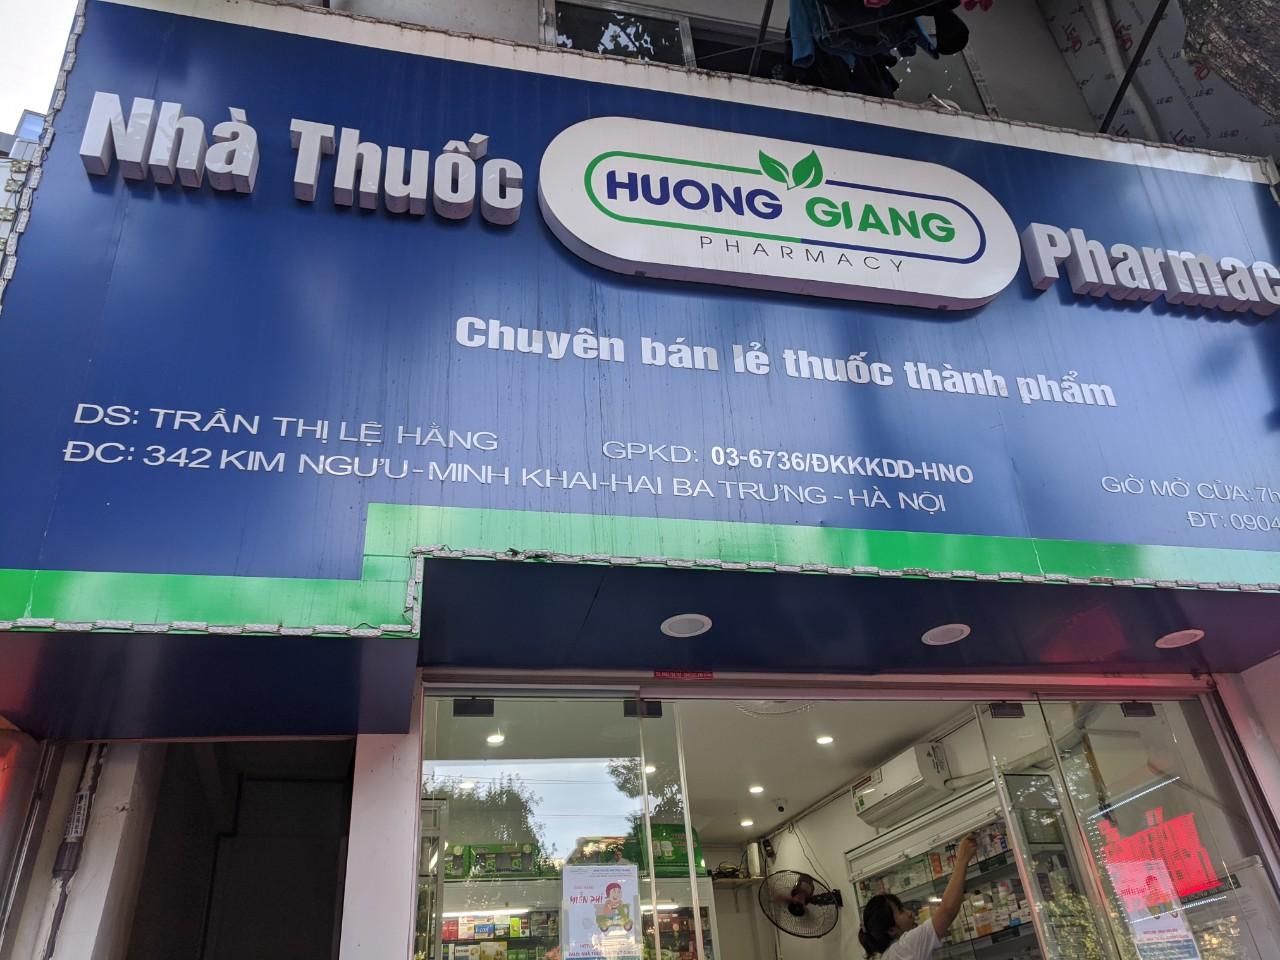 NT Hương Giang